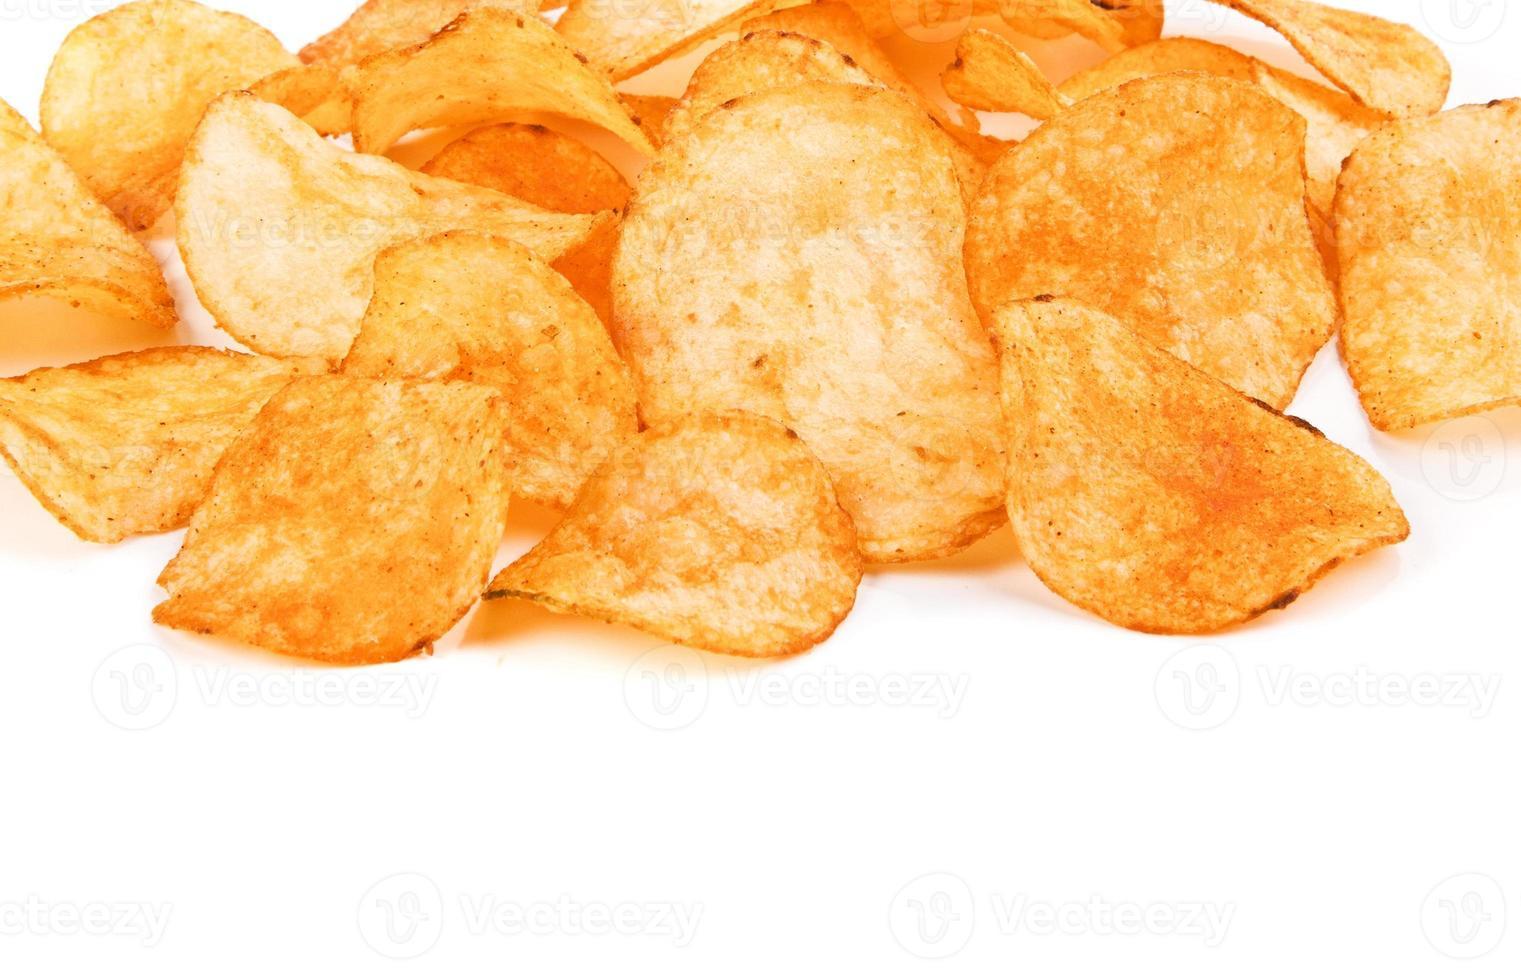 potatischips närbild foto